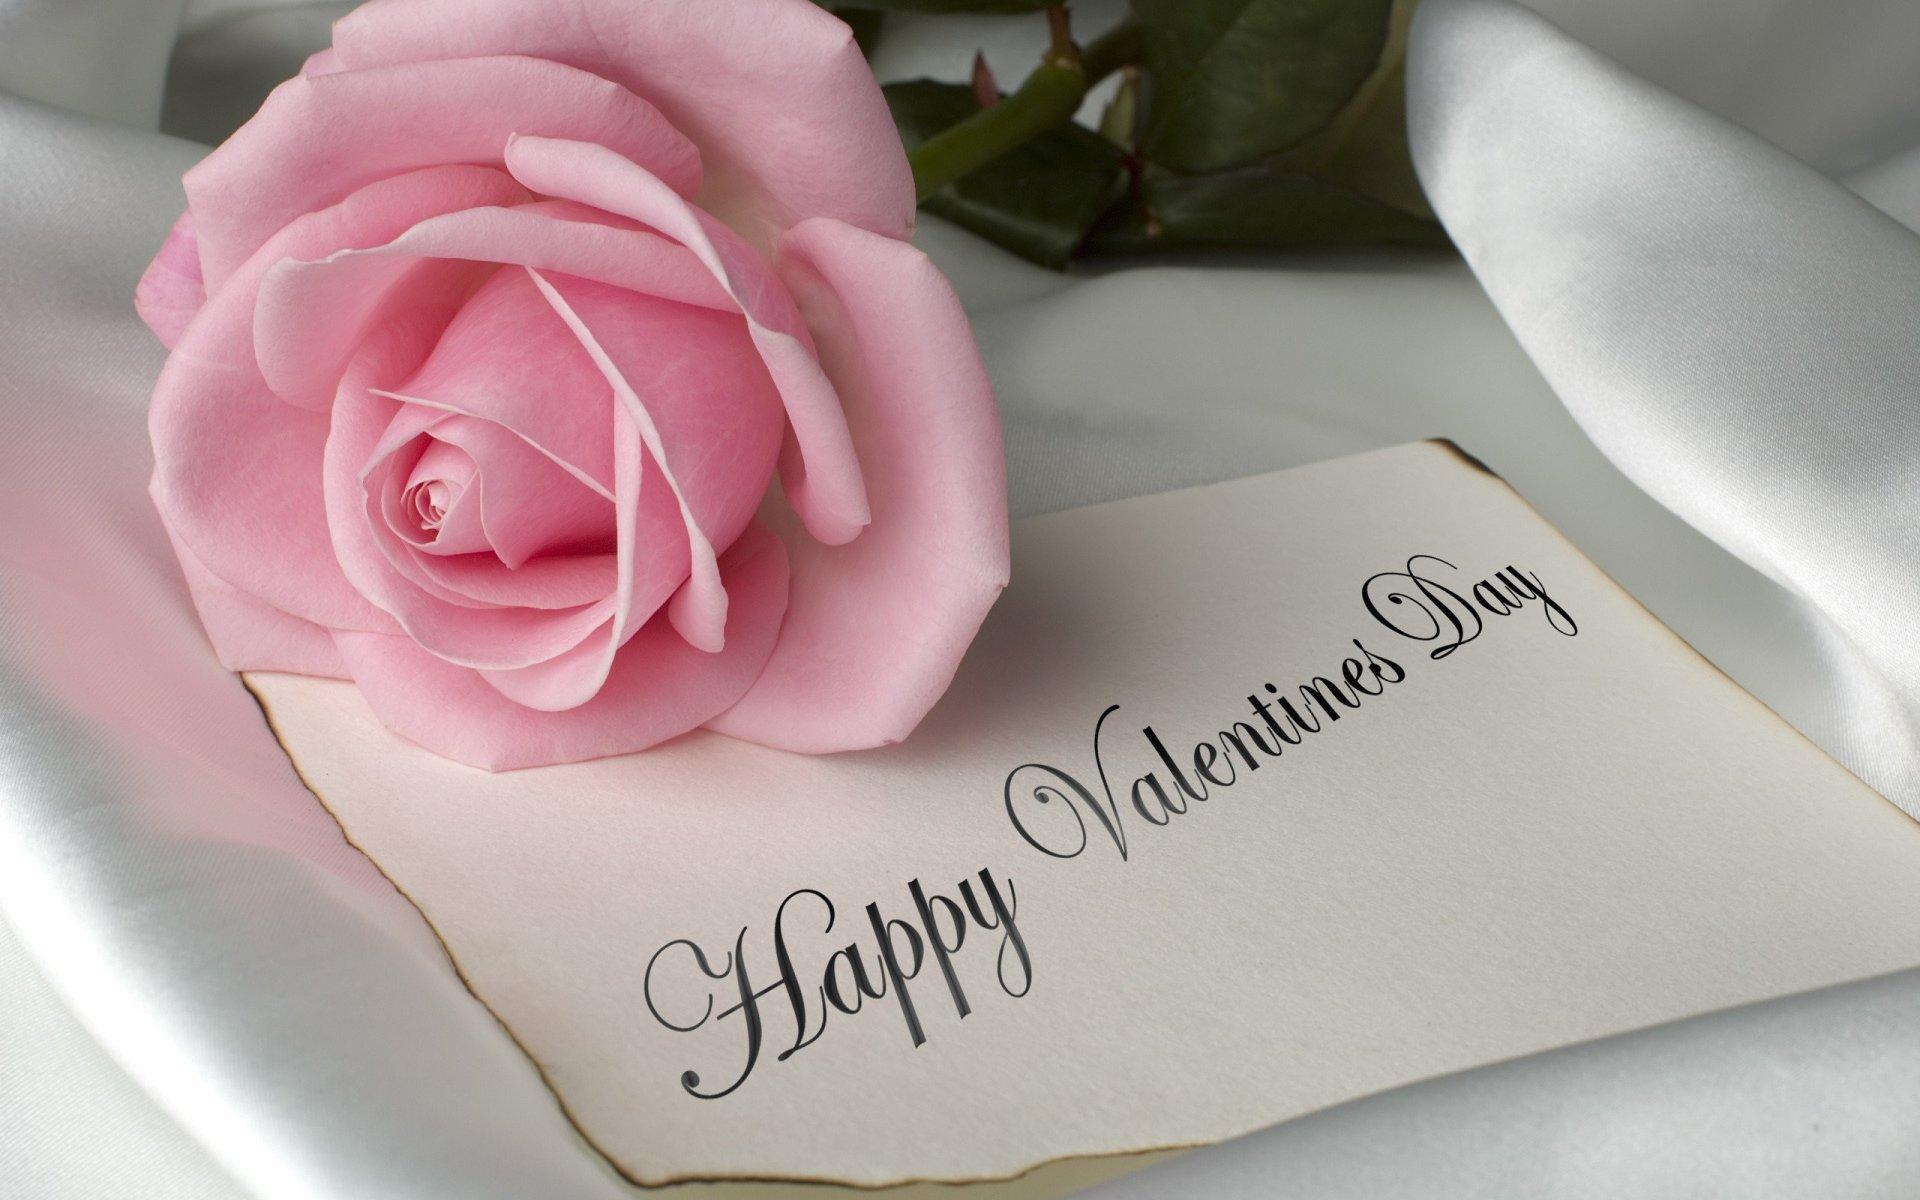 节日 - 情人节  Happy Valentine's Day 壁纸